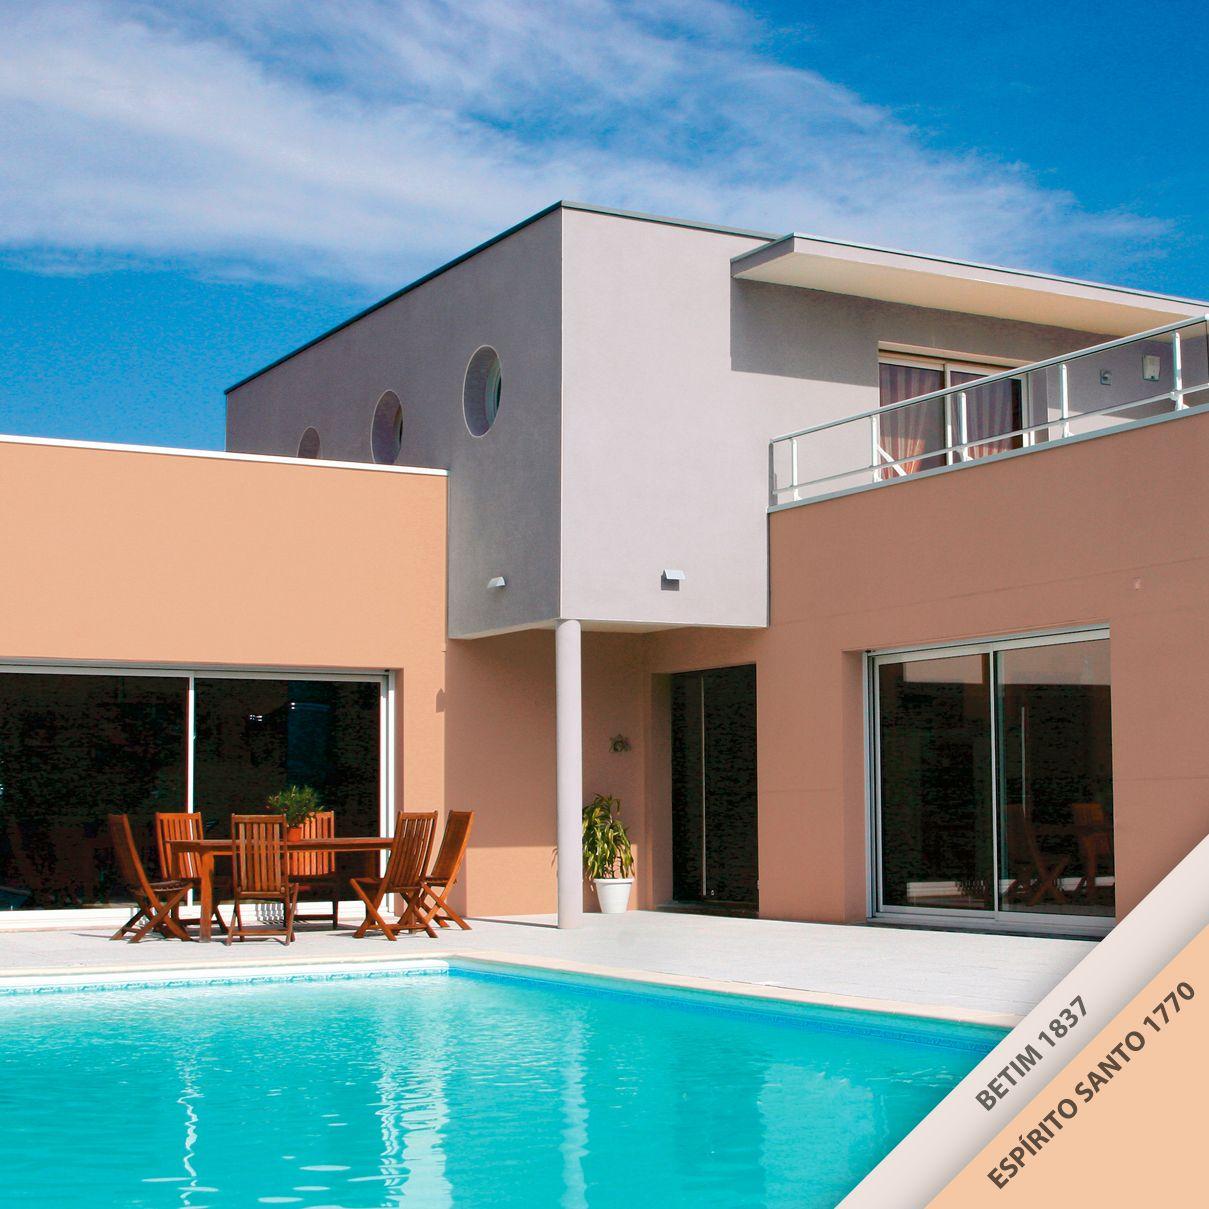 Passar o domingo na casa nova com uma linda piscina e for Piscinas lindas